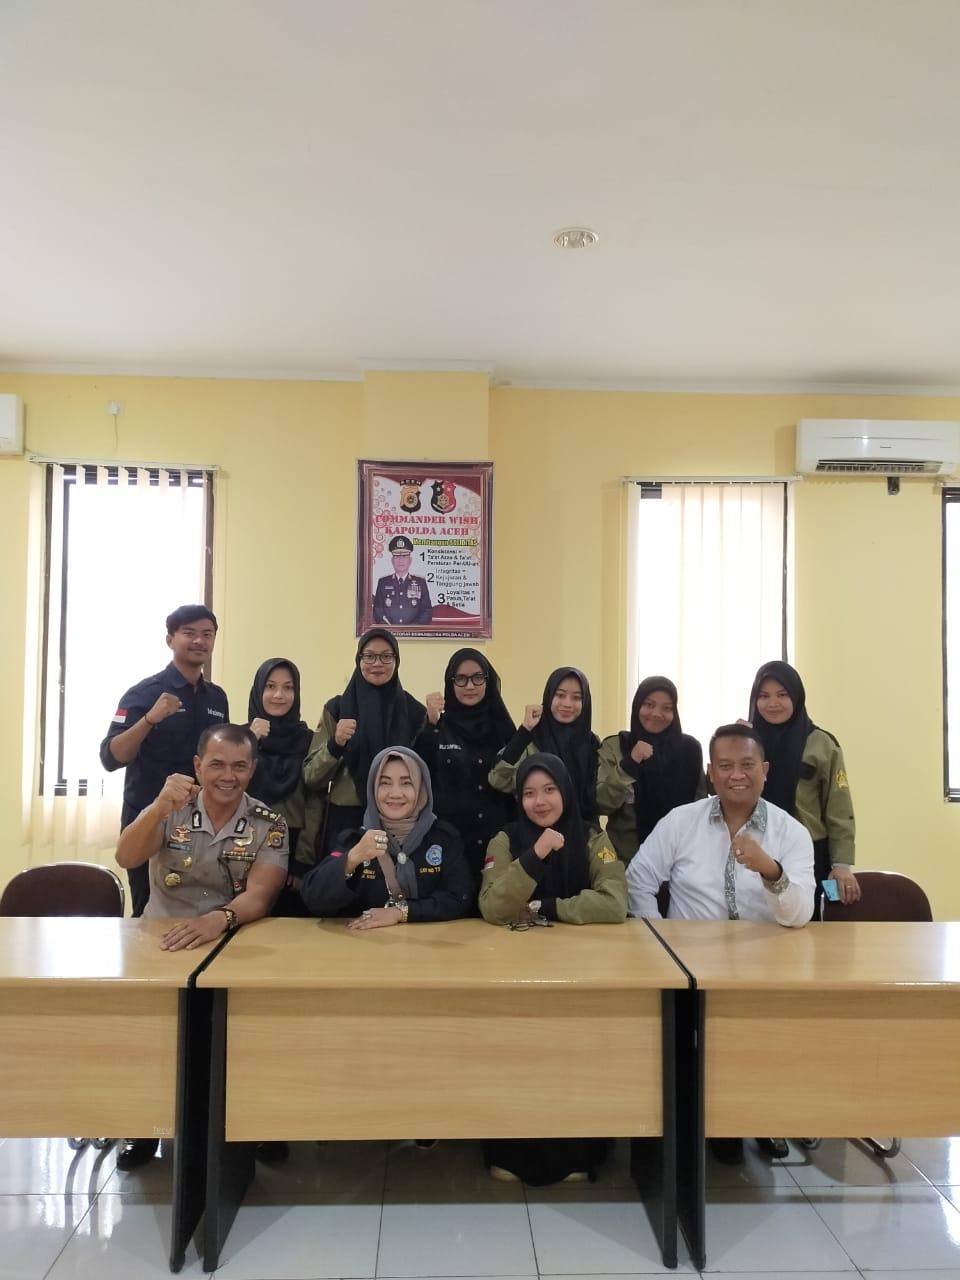 Presiden GANN (Gebrakan Anti Narkotika Nusantara) Akan Bersinergi Dengan Polda Se Indonesia Dalam Pencegahan Narkotika